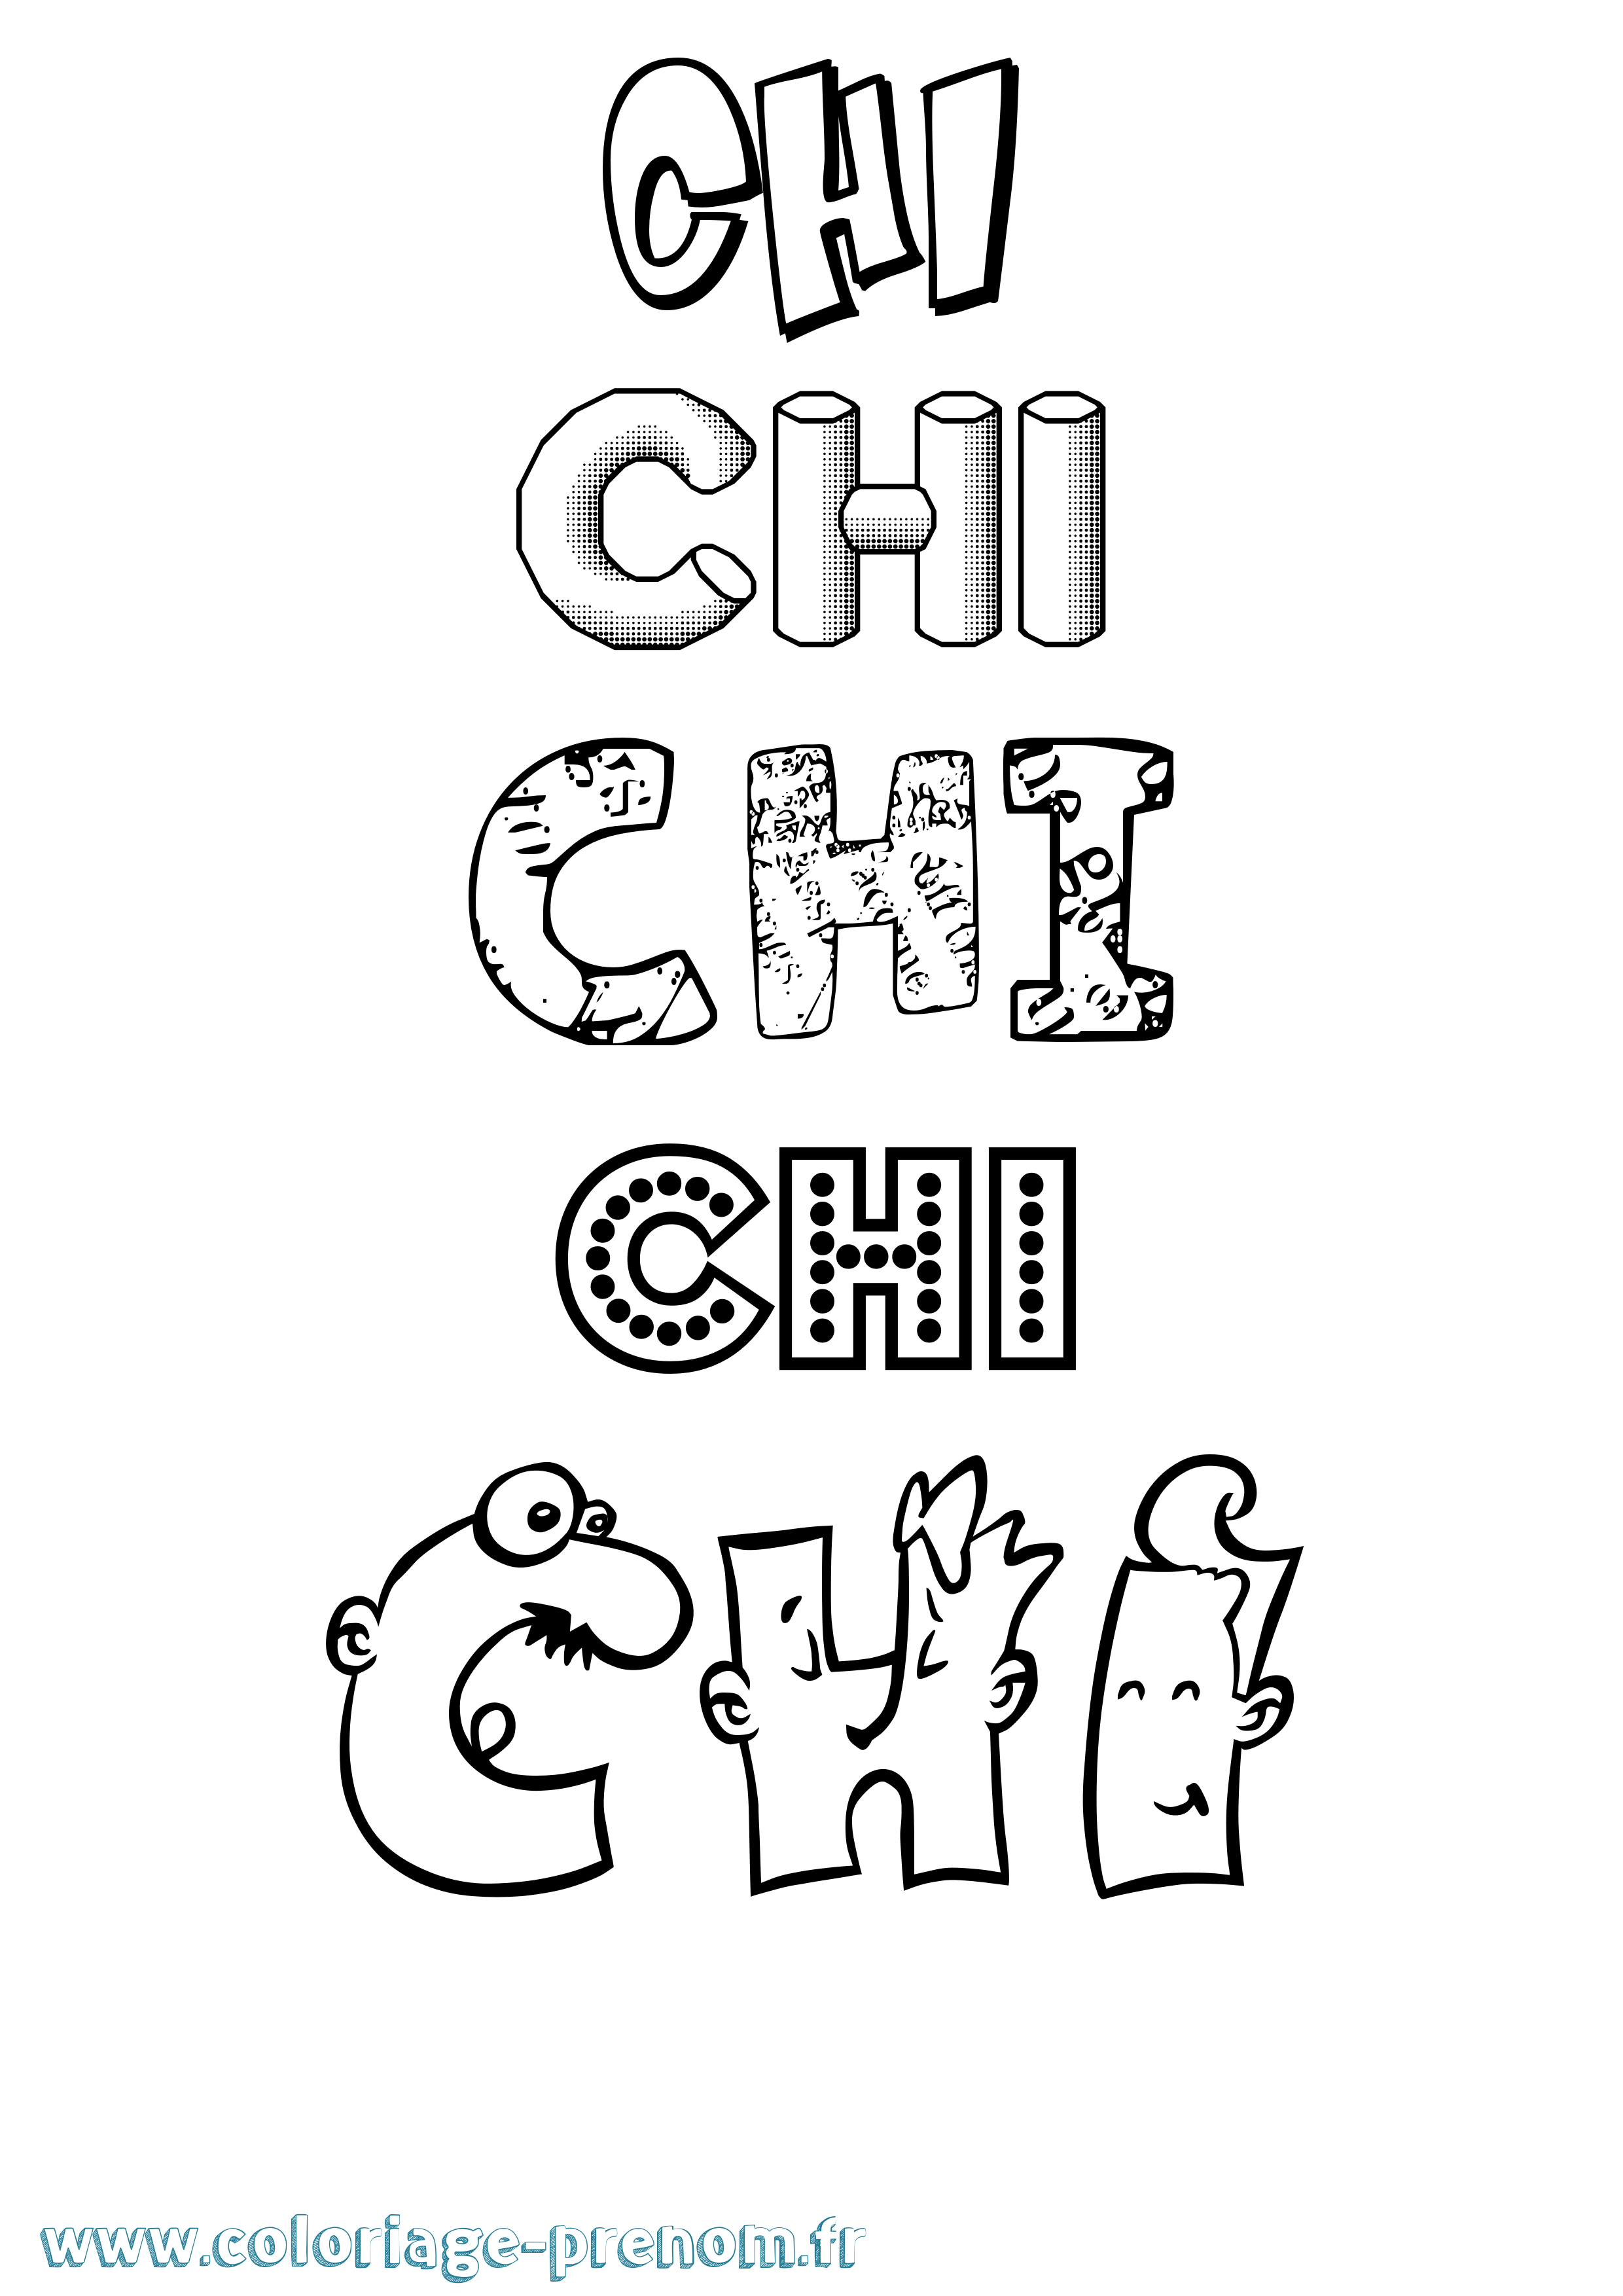 Coloriage du prénom Chi : à Imprimer ou Télécharger facilement